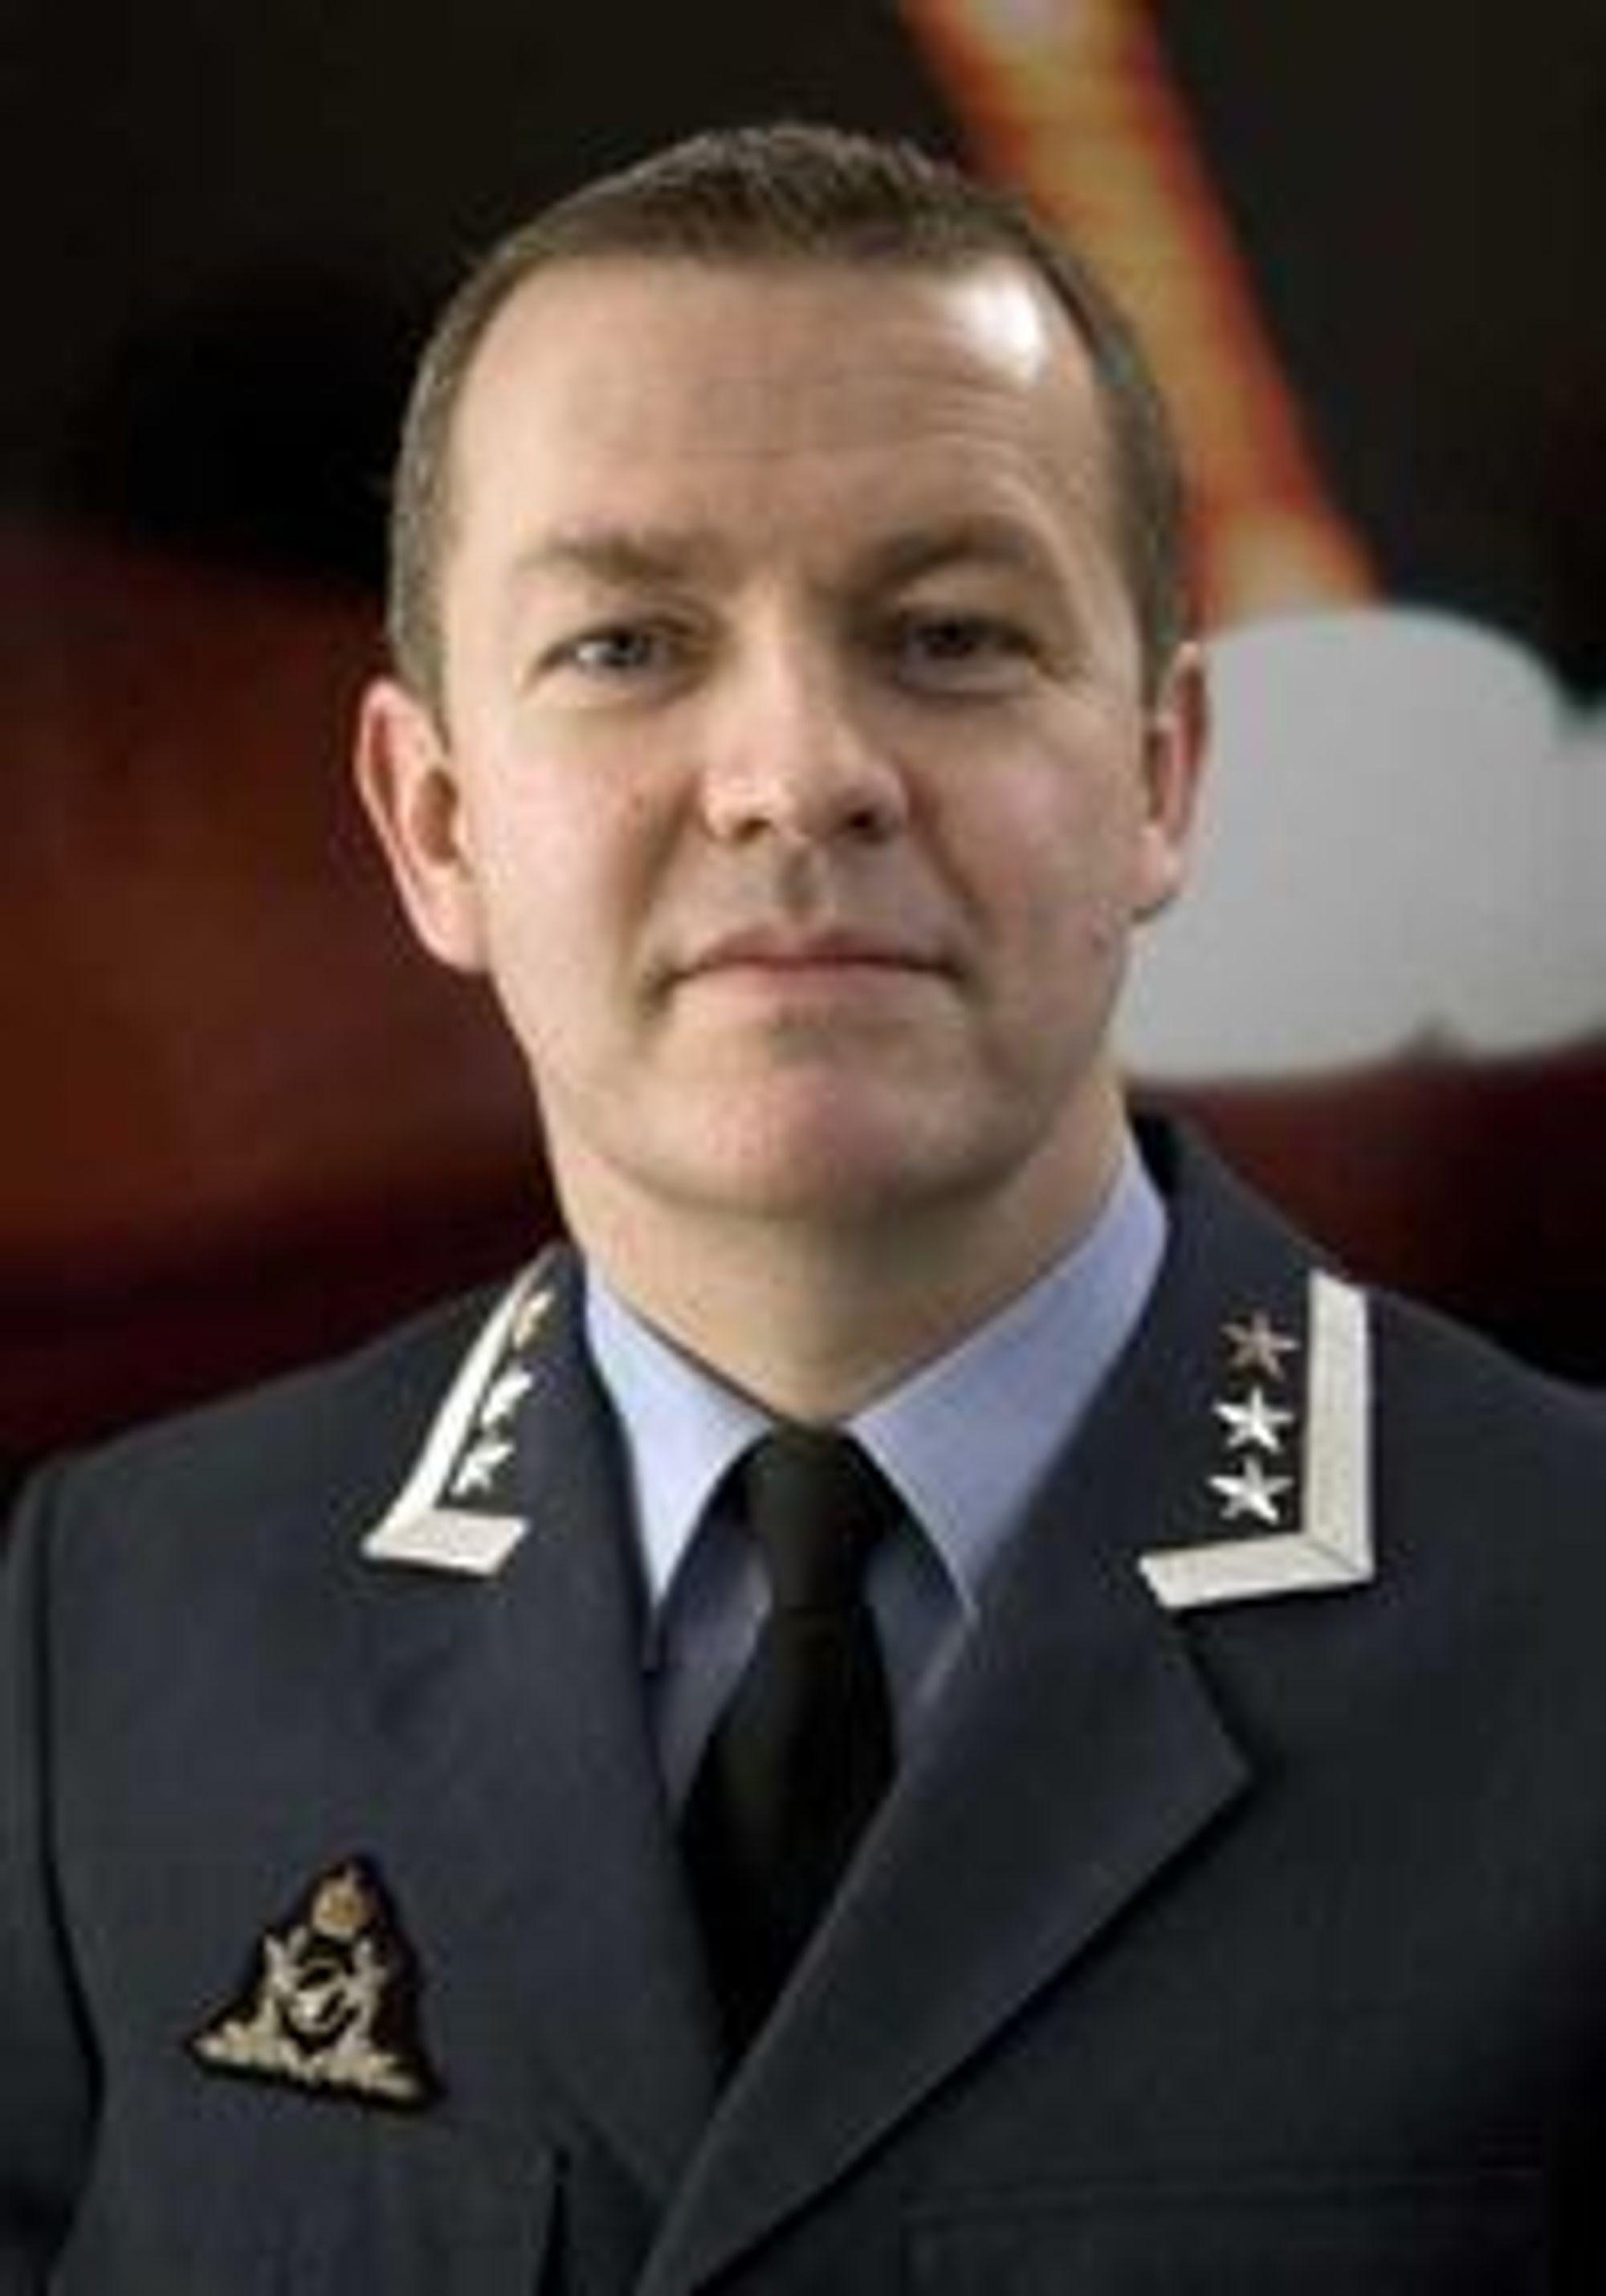 Oberst Hans Robert Bjørnaas leder avdelingen Kommunikasjons- og systemsikkerhet i NSM.